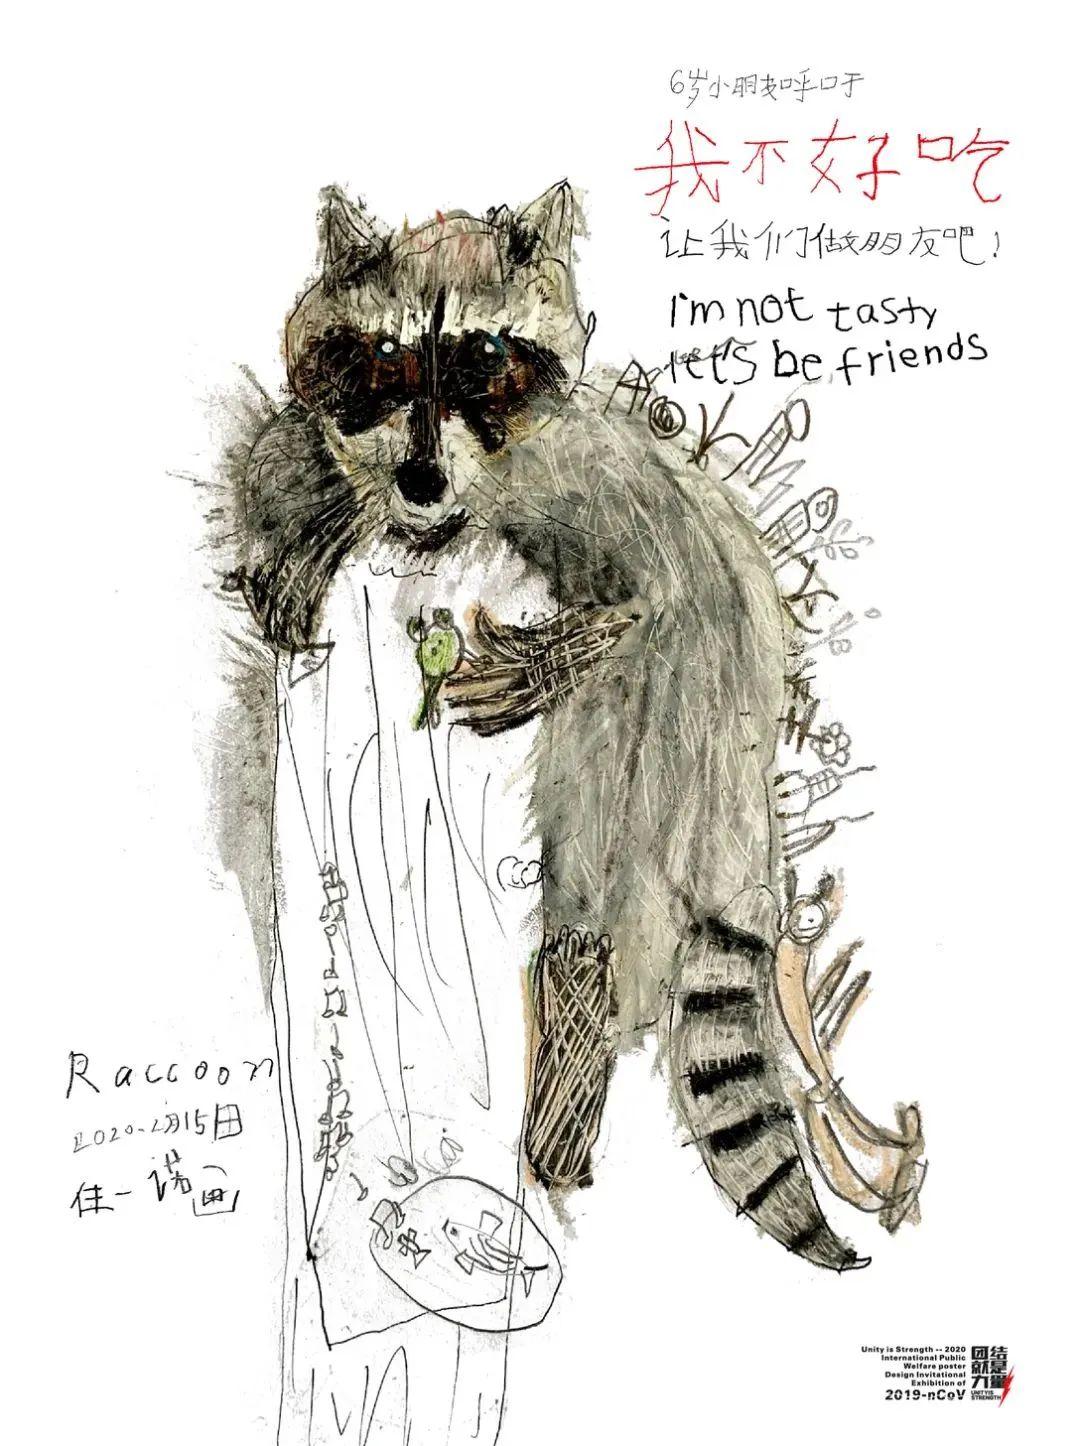 6岁蒙古族小设计师用插画拯救野生动物,为抗疫助力! 第20张